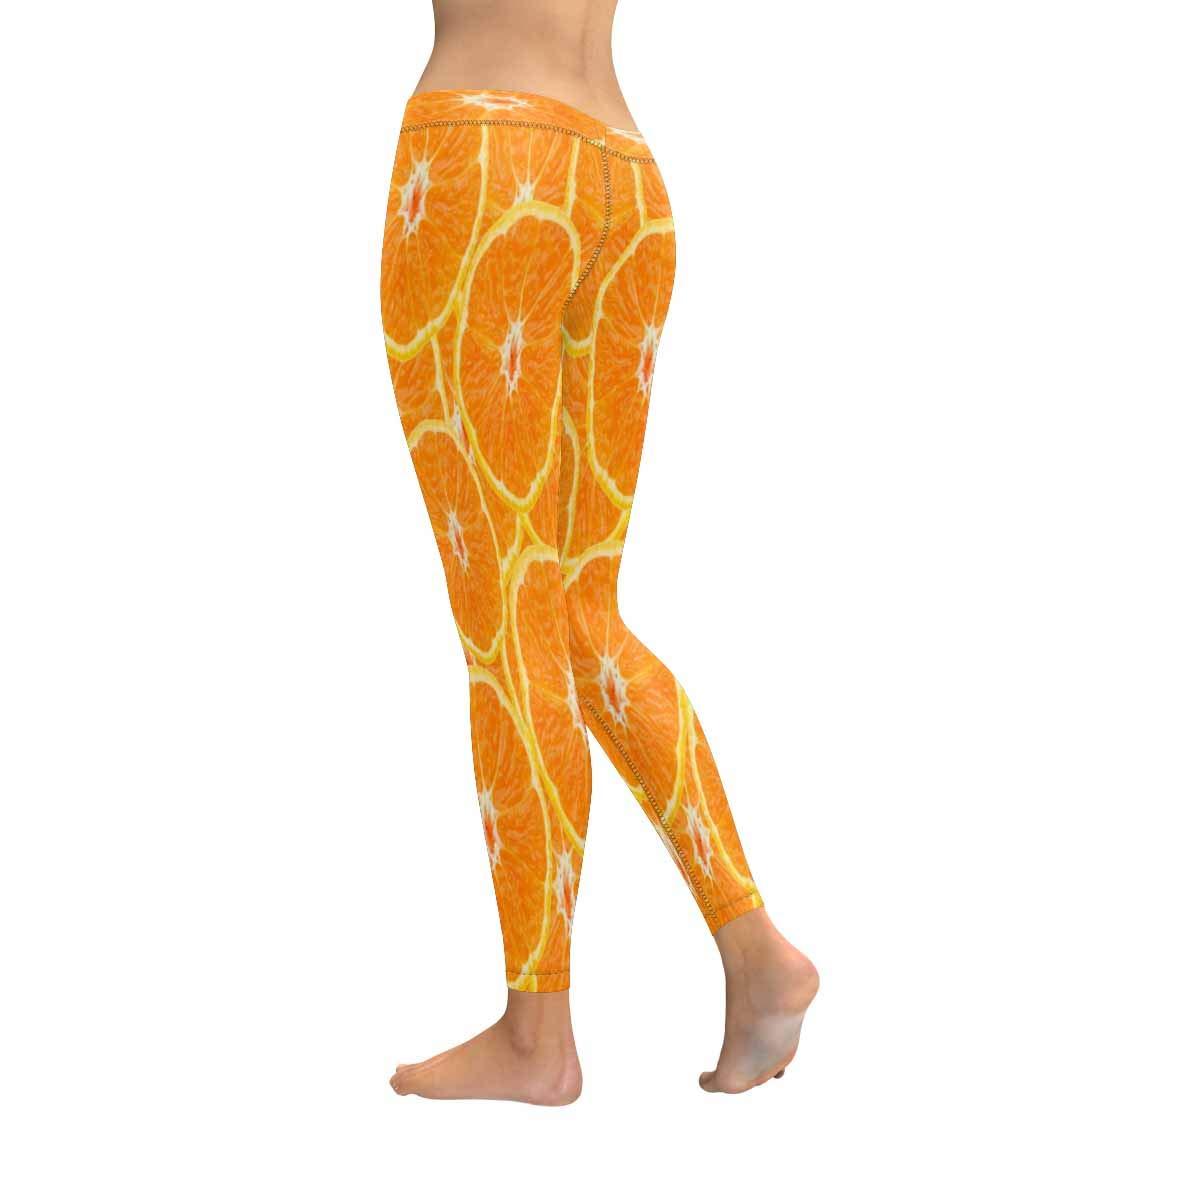 InterestPrint Womens Low Rise Leggings Orange Fruit Fashion Print Yoga Pants XXS-5XL